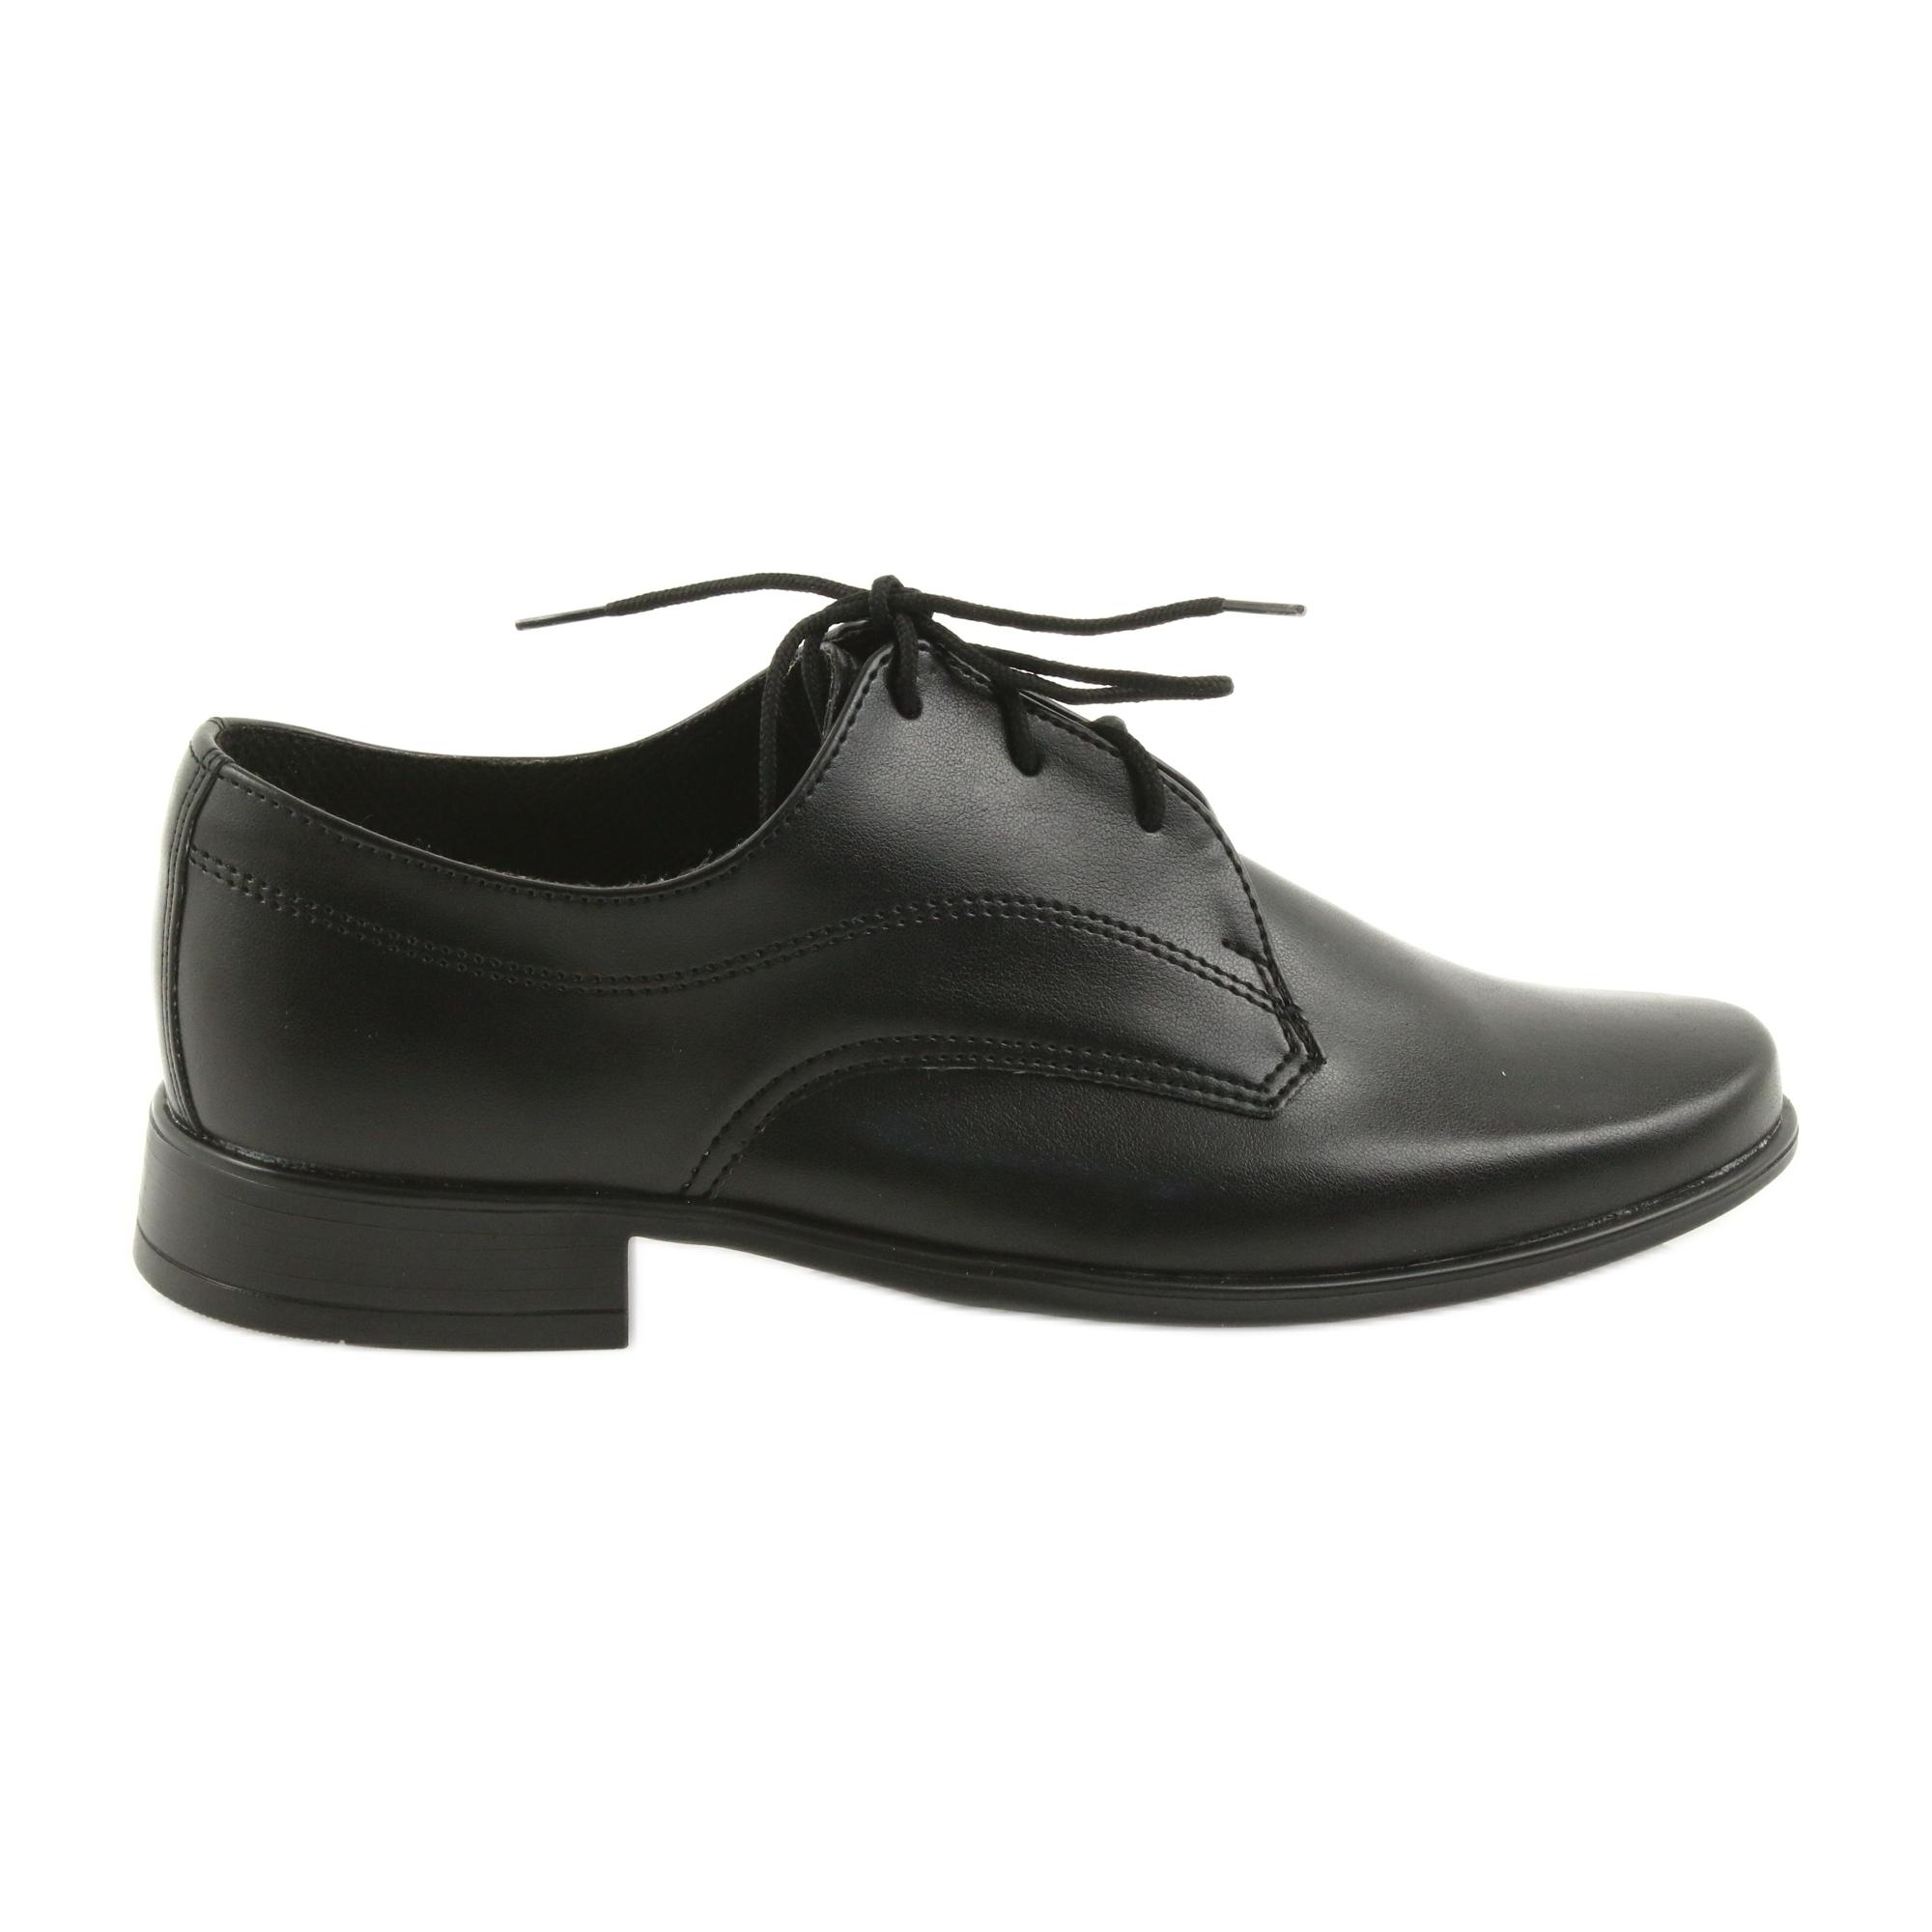 Schwarz Kommunion Kinderschuhe Miko Jungen Schuhe tsdCBhxQr